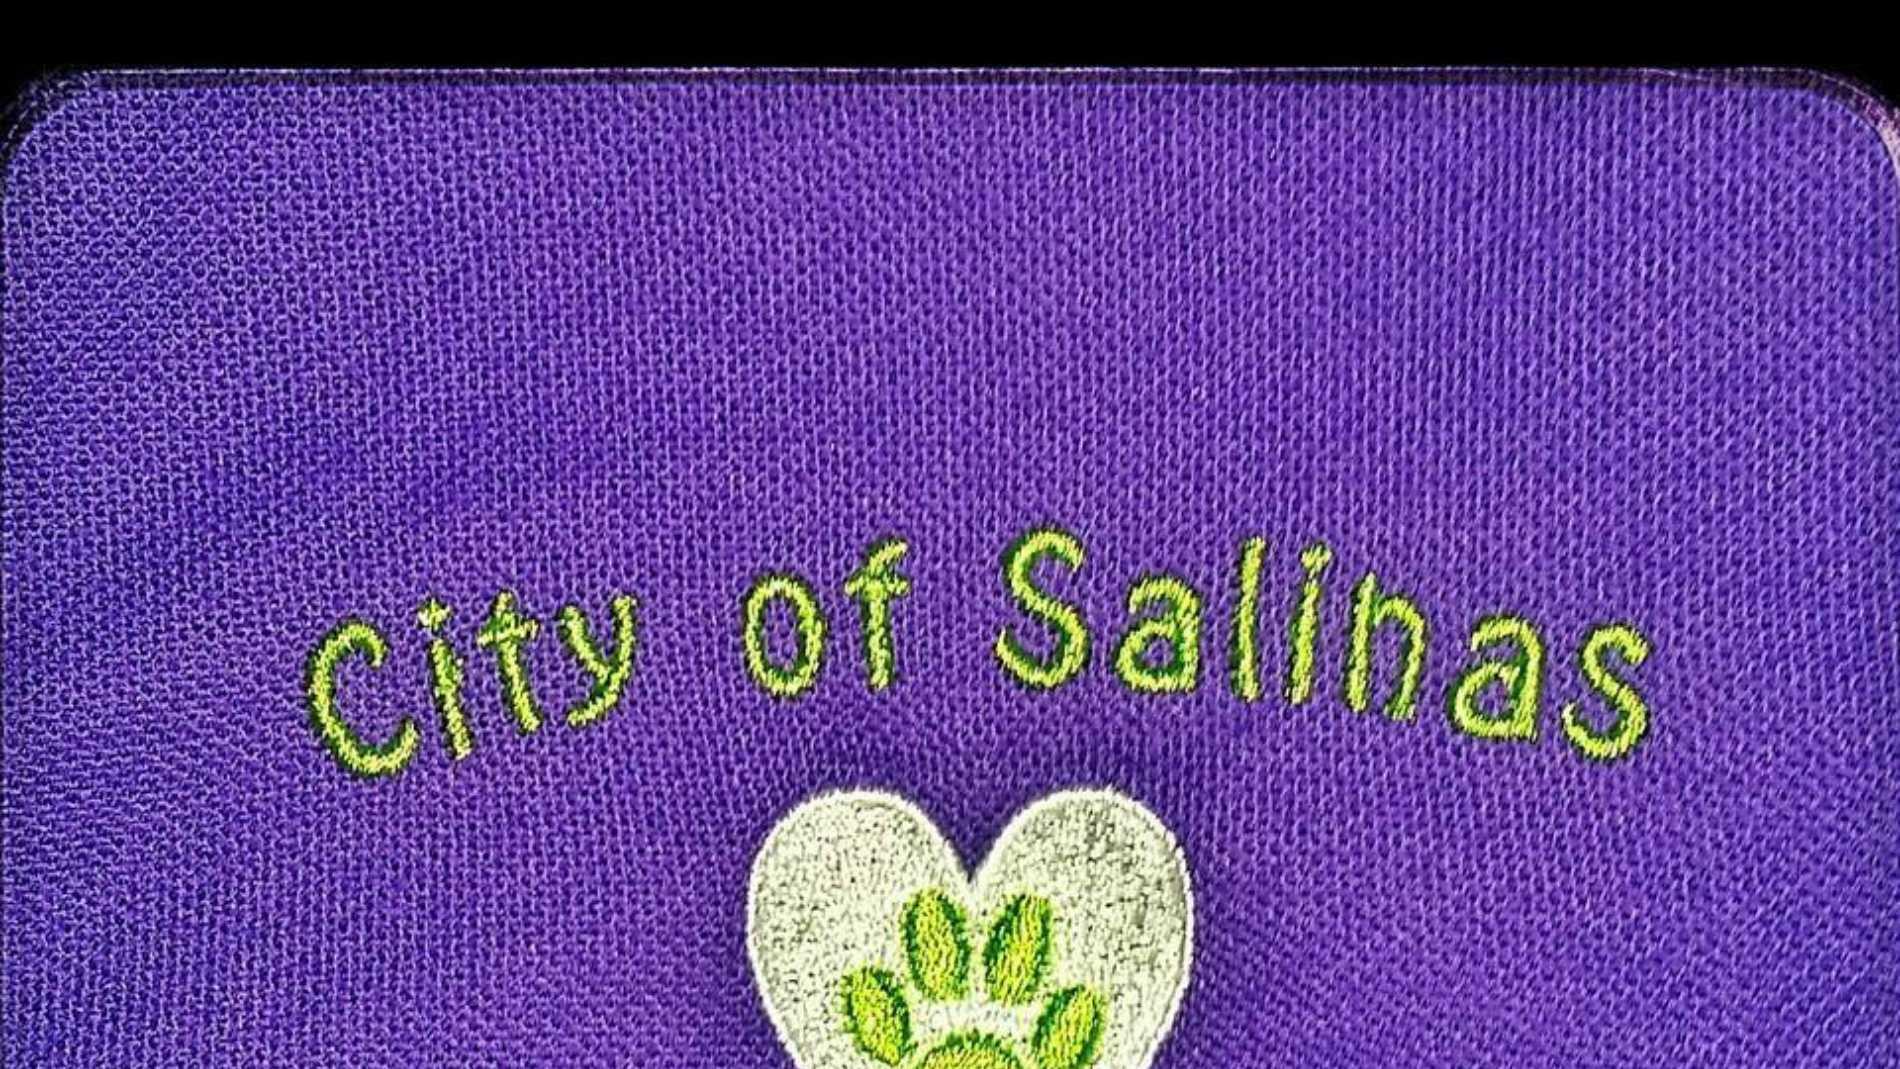 Salinas Animal Services